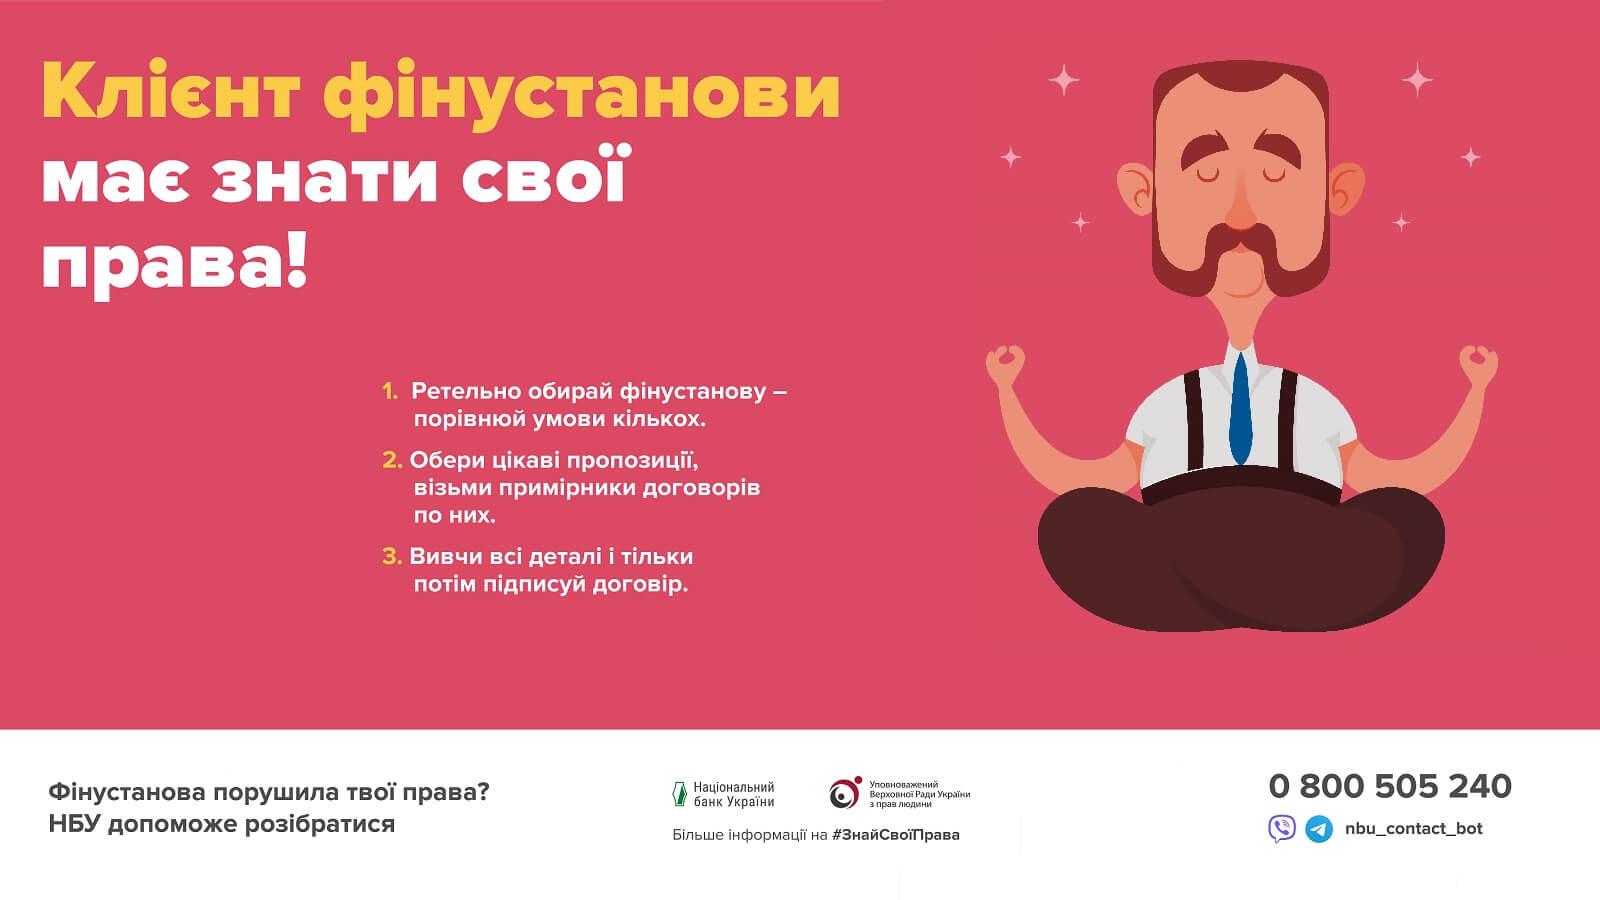 Сьогодні Всесвітній день споживача (World Consumer Rights Day) - фото - mtb.ua